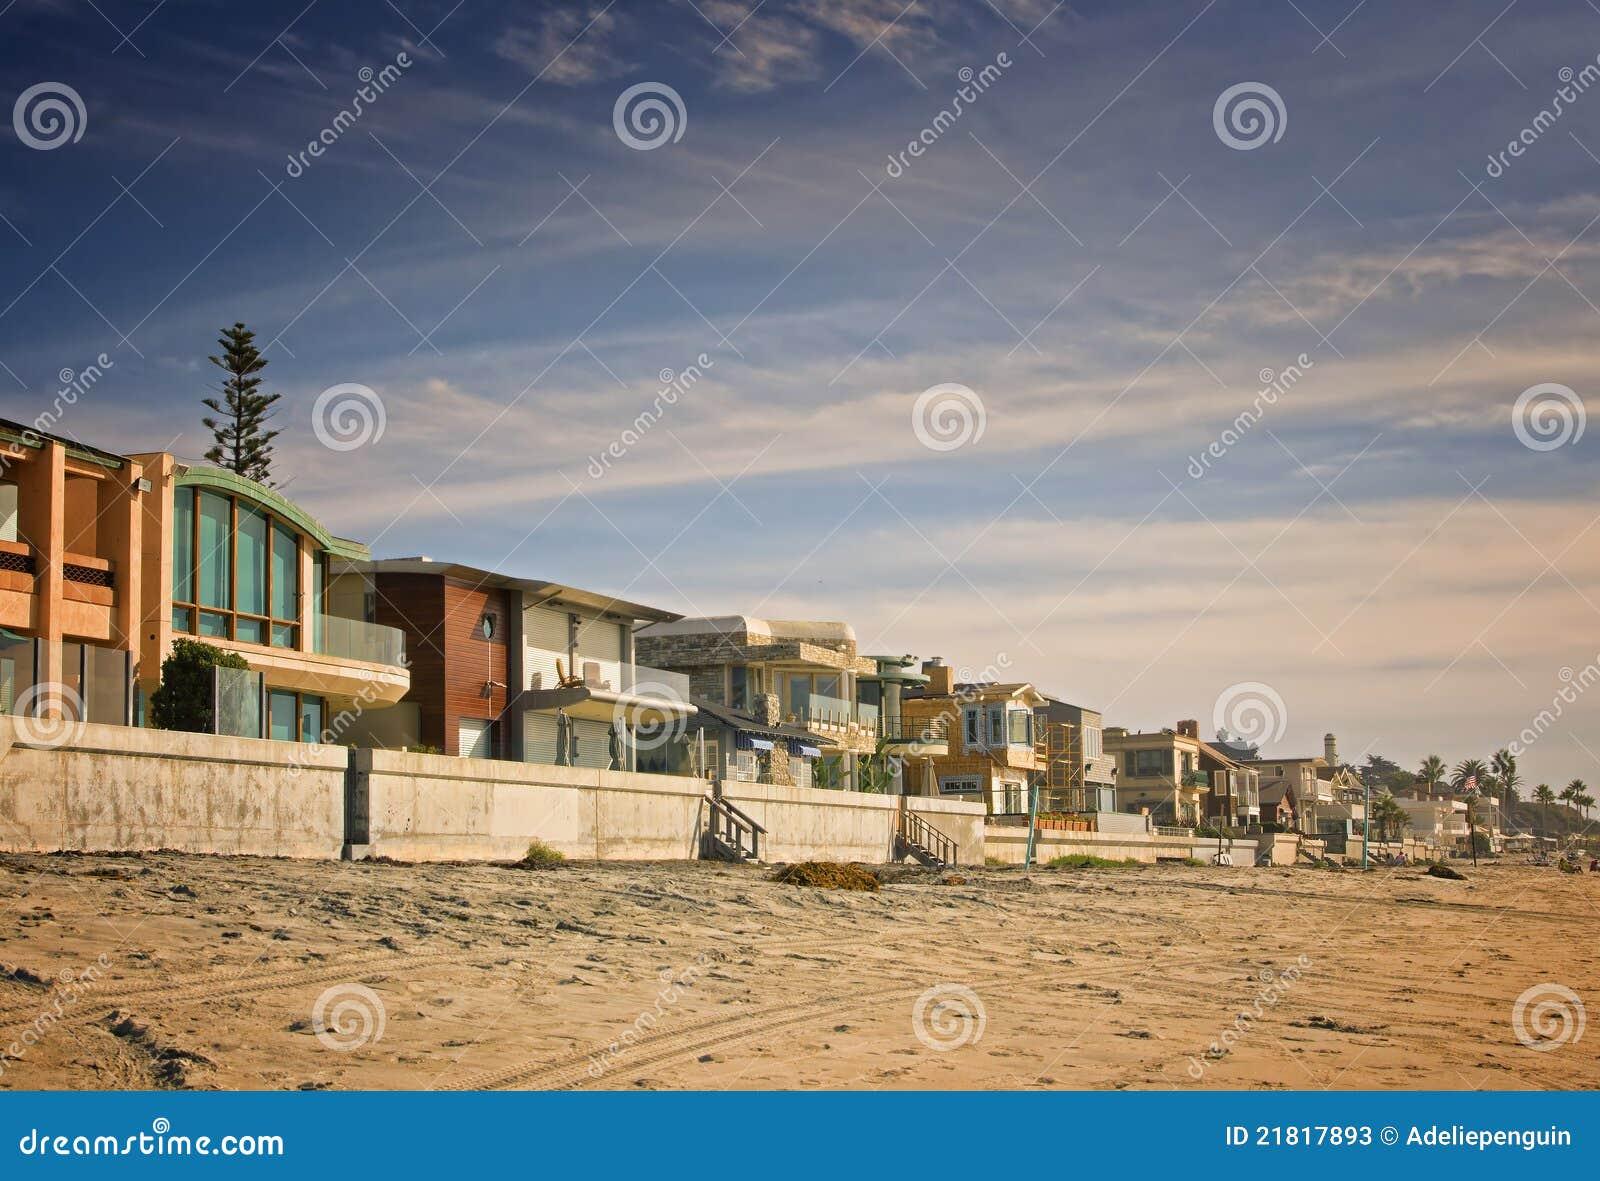 Pacific beach san diego - 3 part 2